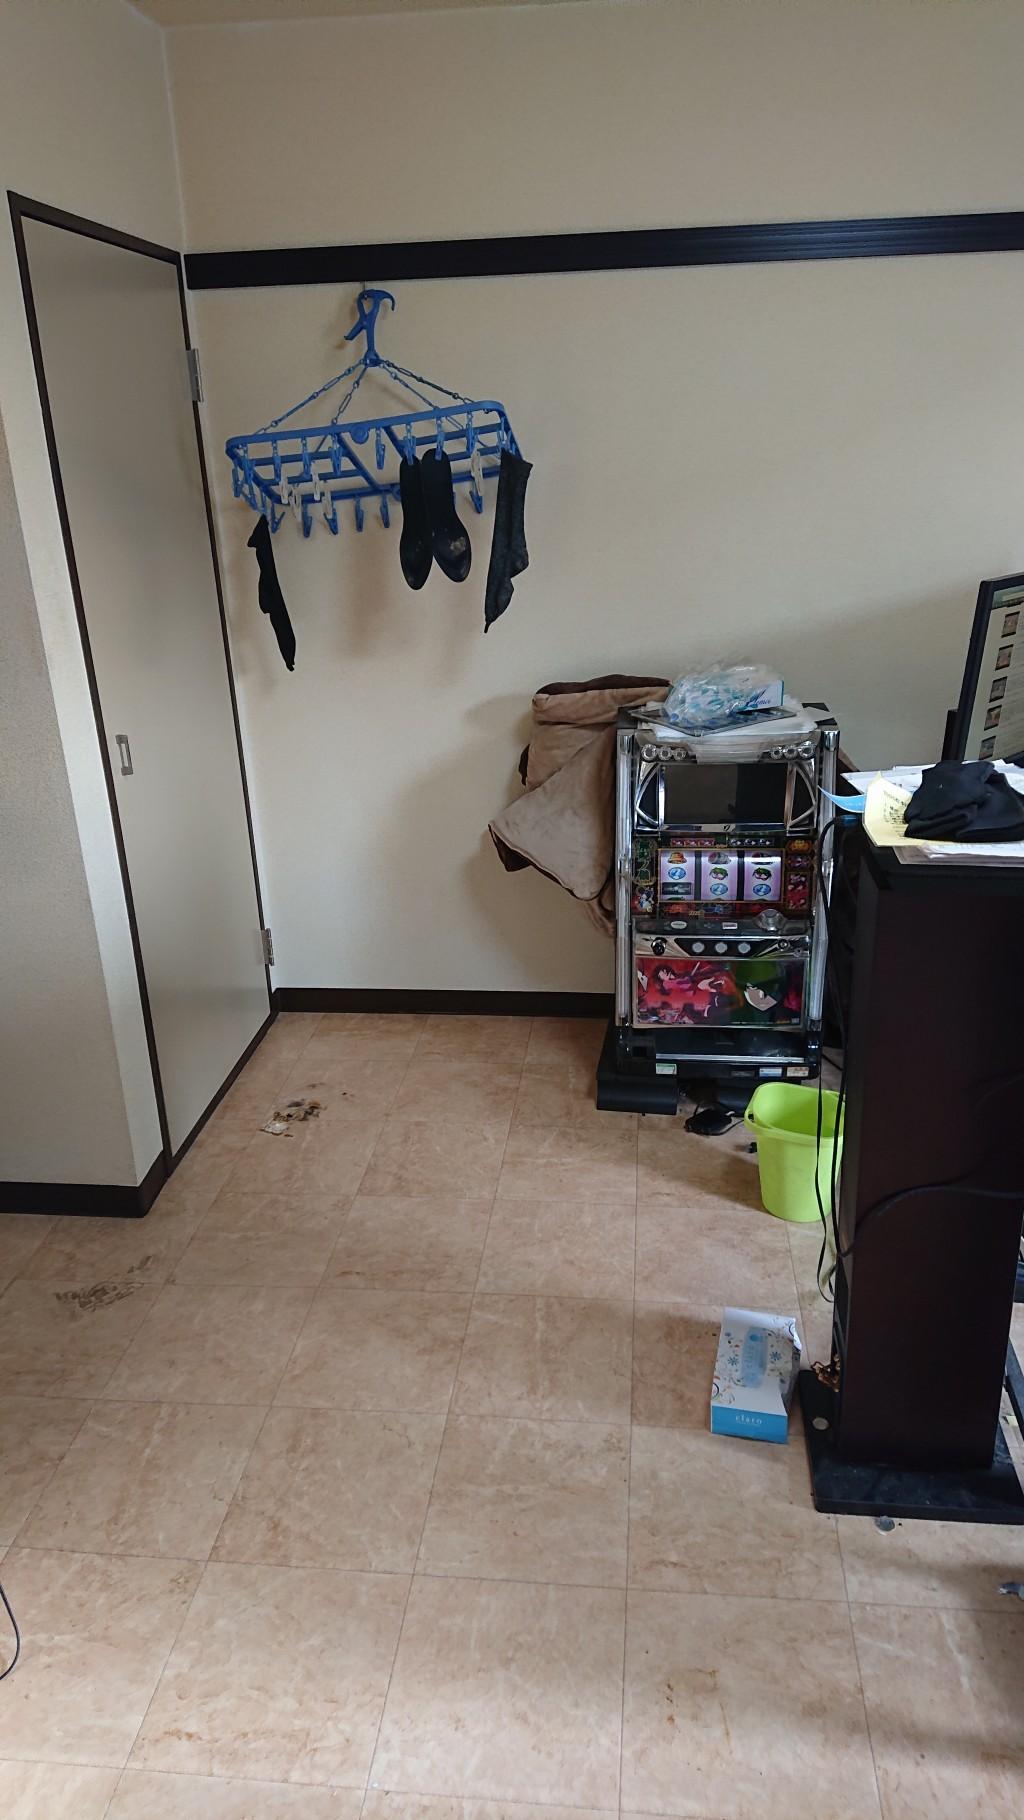 【松本市】 2tトラック積みホーダイパックでの不用品回収☆お得に一気に処分できて良かったと、満足していただいきました!